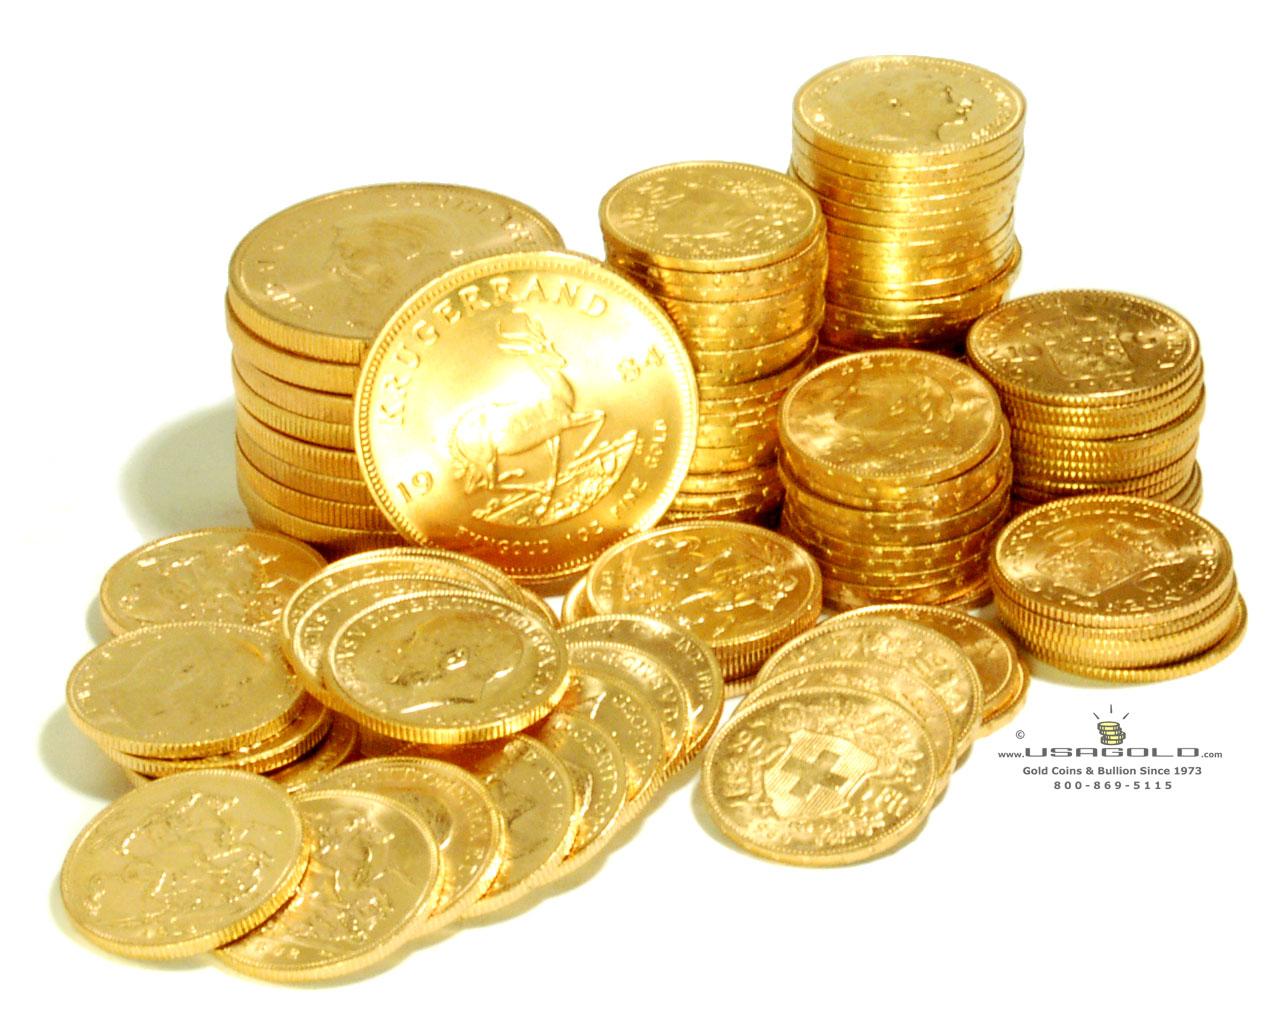 قیمت ارز طلا امروز